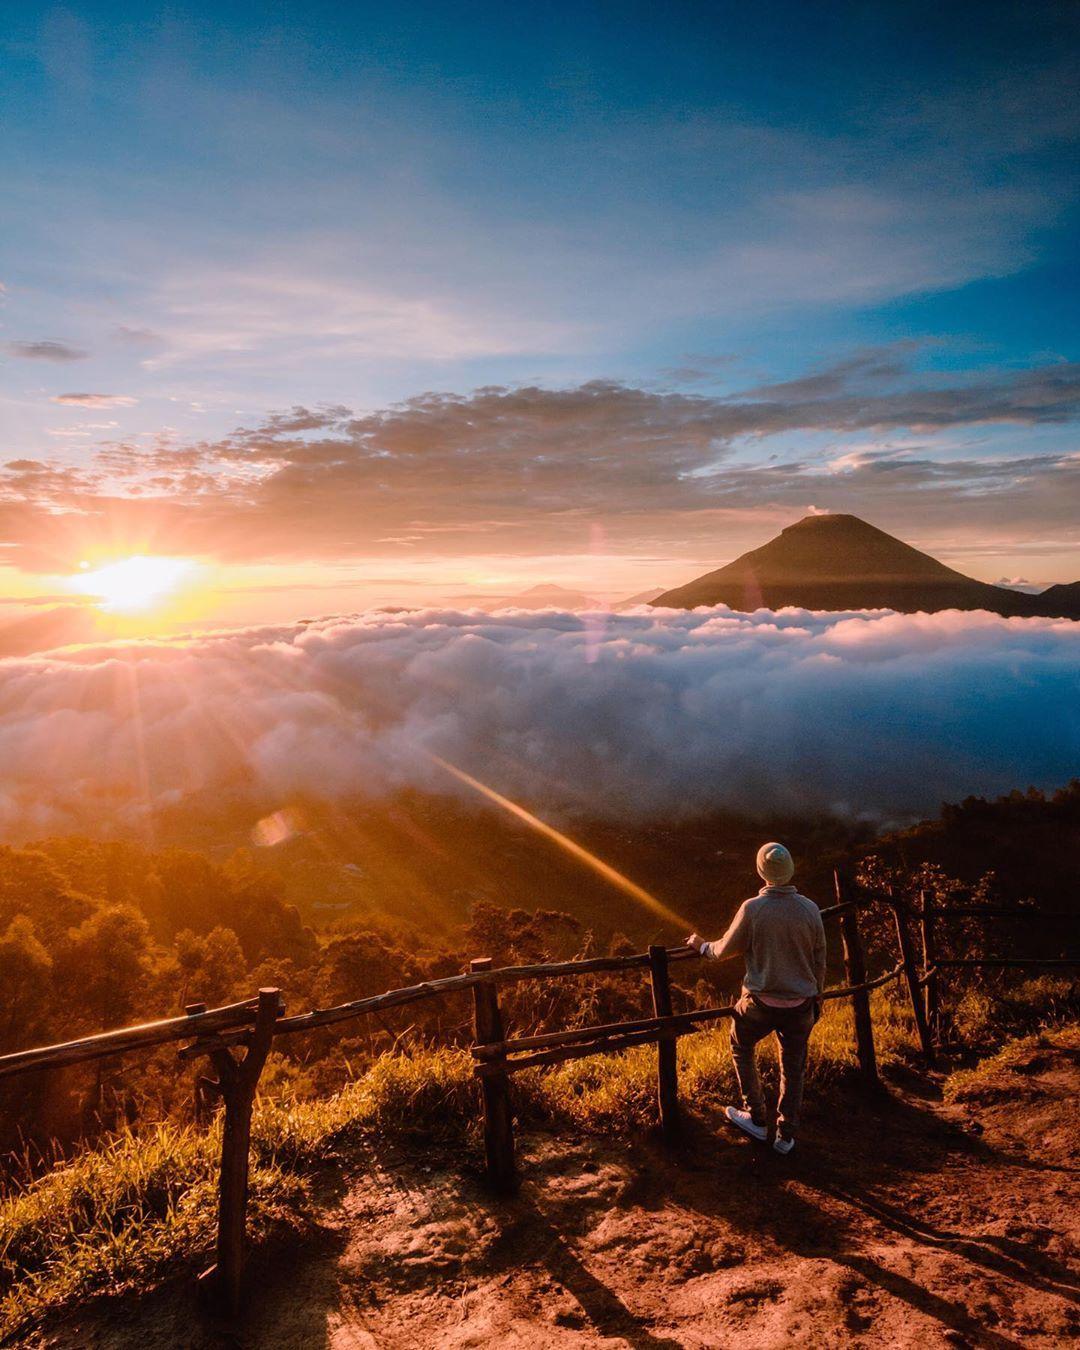 Pemandangan Sunrise Dari Atas Bukit Sikunir Image From Liburbeneran Di 2020 Pemandangan Bepergian Fotografi